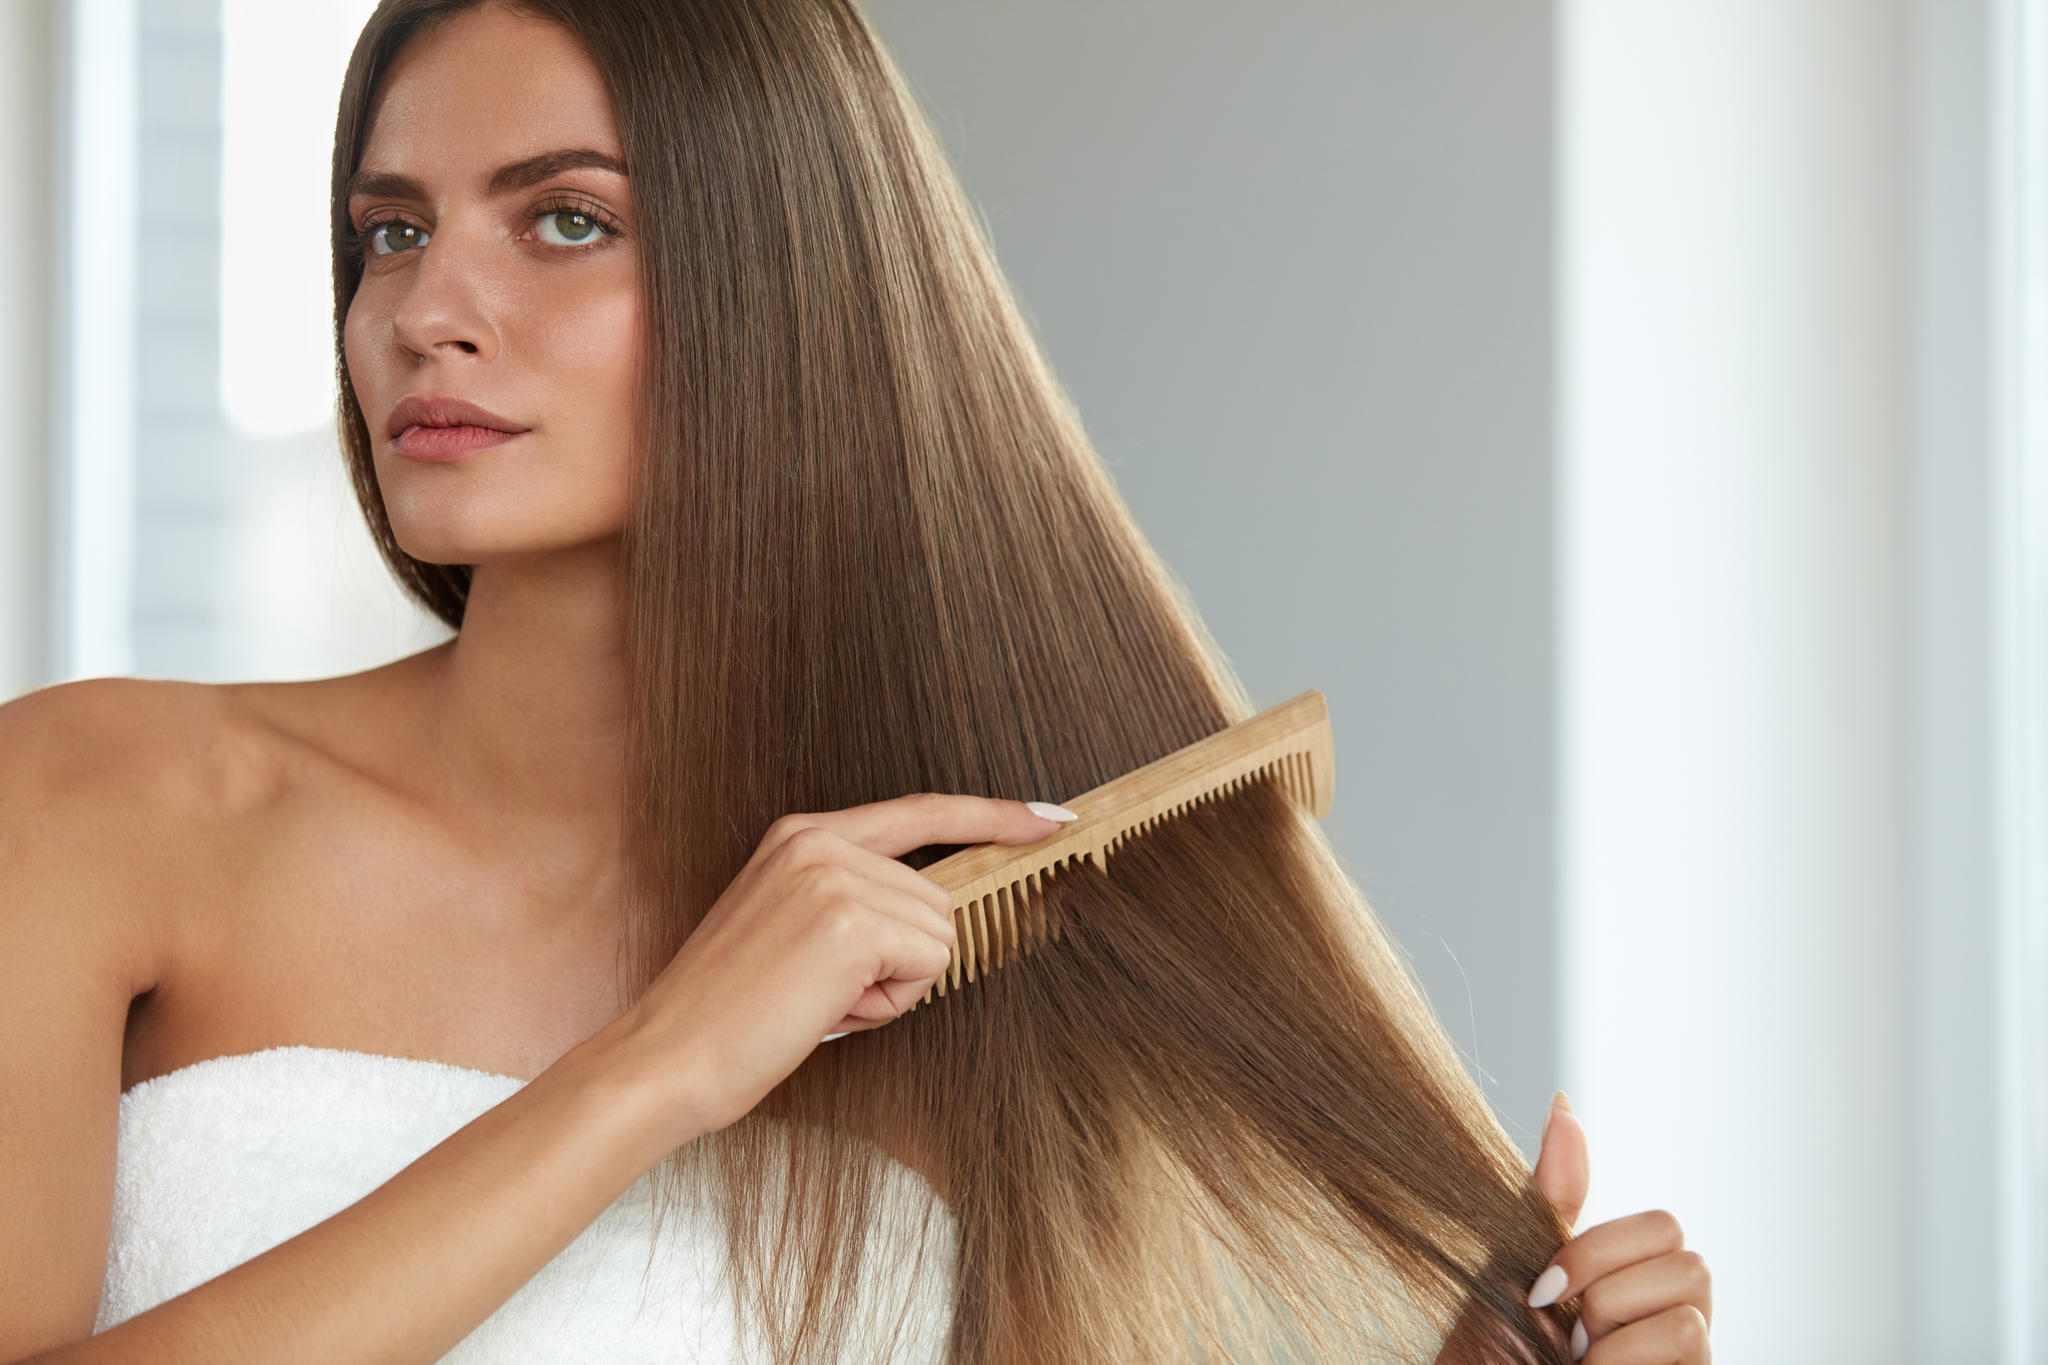 """""""თმის ცვენის საწინააღმდეგო შამპუნი ბუნებაში არ არსებობს, არ მოტყუვდეთ"""" - თმის მოვლის 10 რეკომენდაცია დერმატოლოგ ზაზა თელიასგან"""